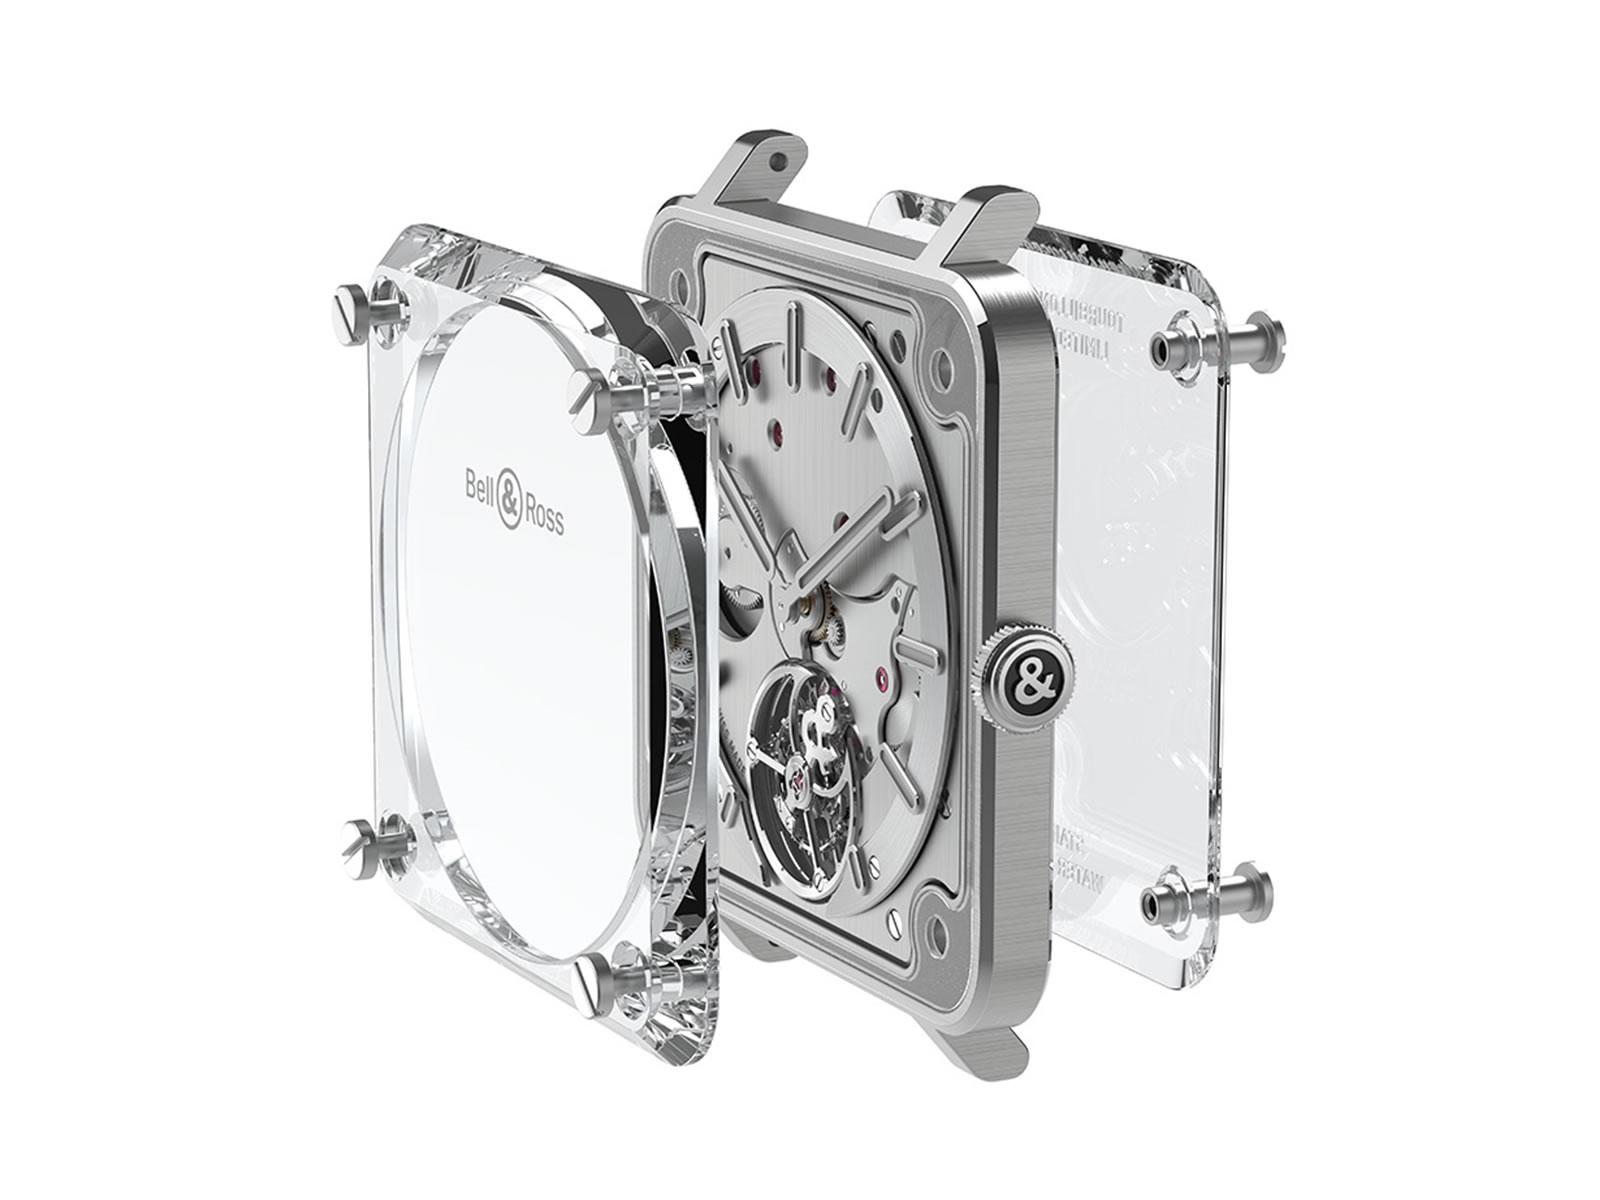 brx2-mrtb-sk-st-bell-ross-br-x2-tourbillon-micro-rotor-skeleton-5-.jpg